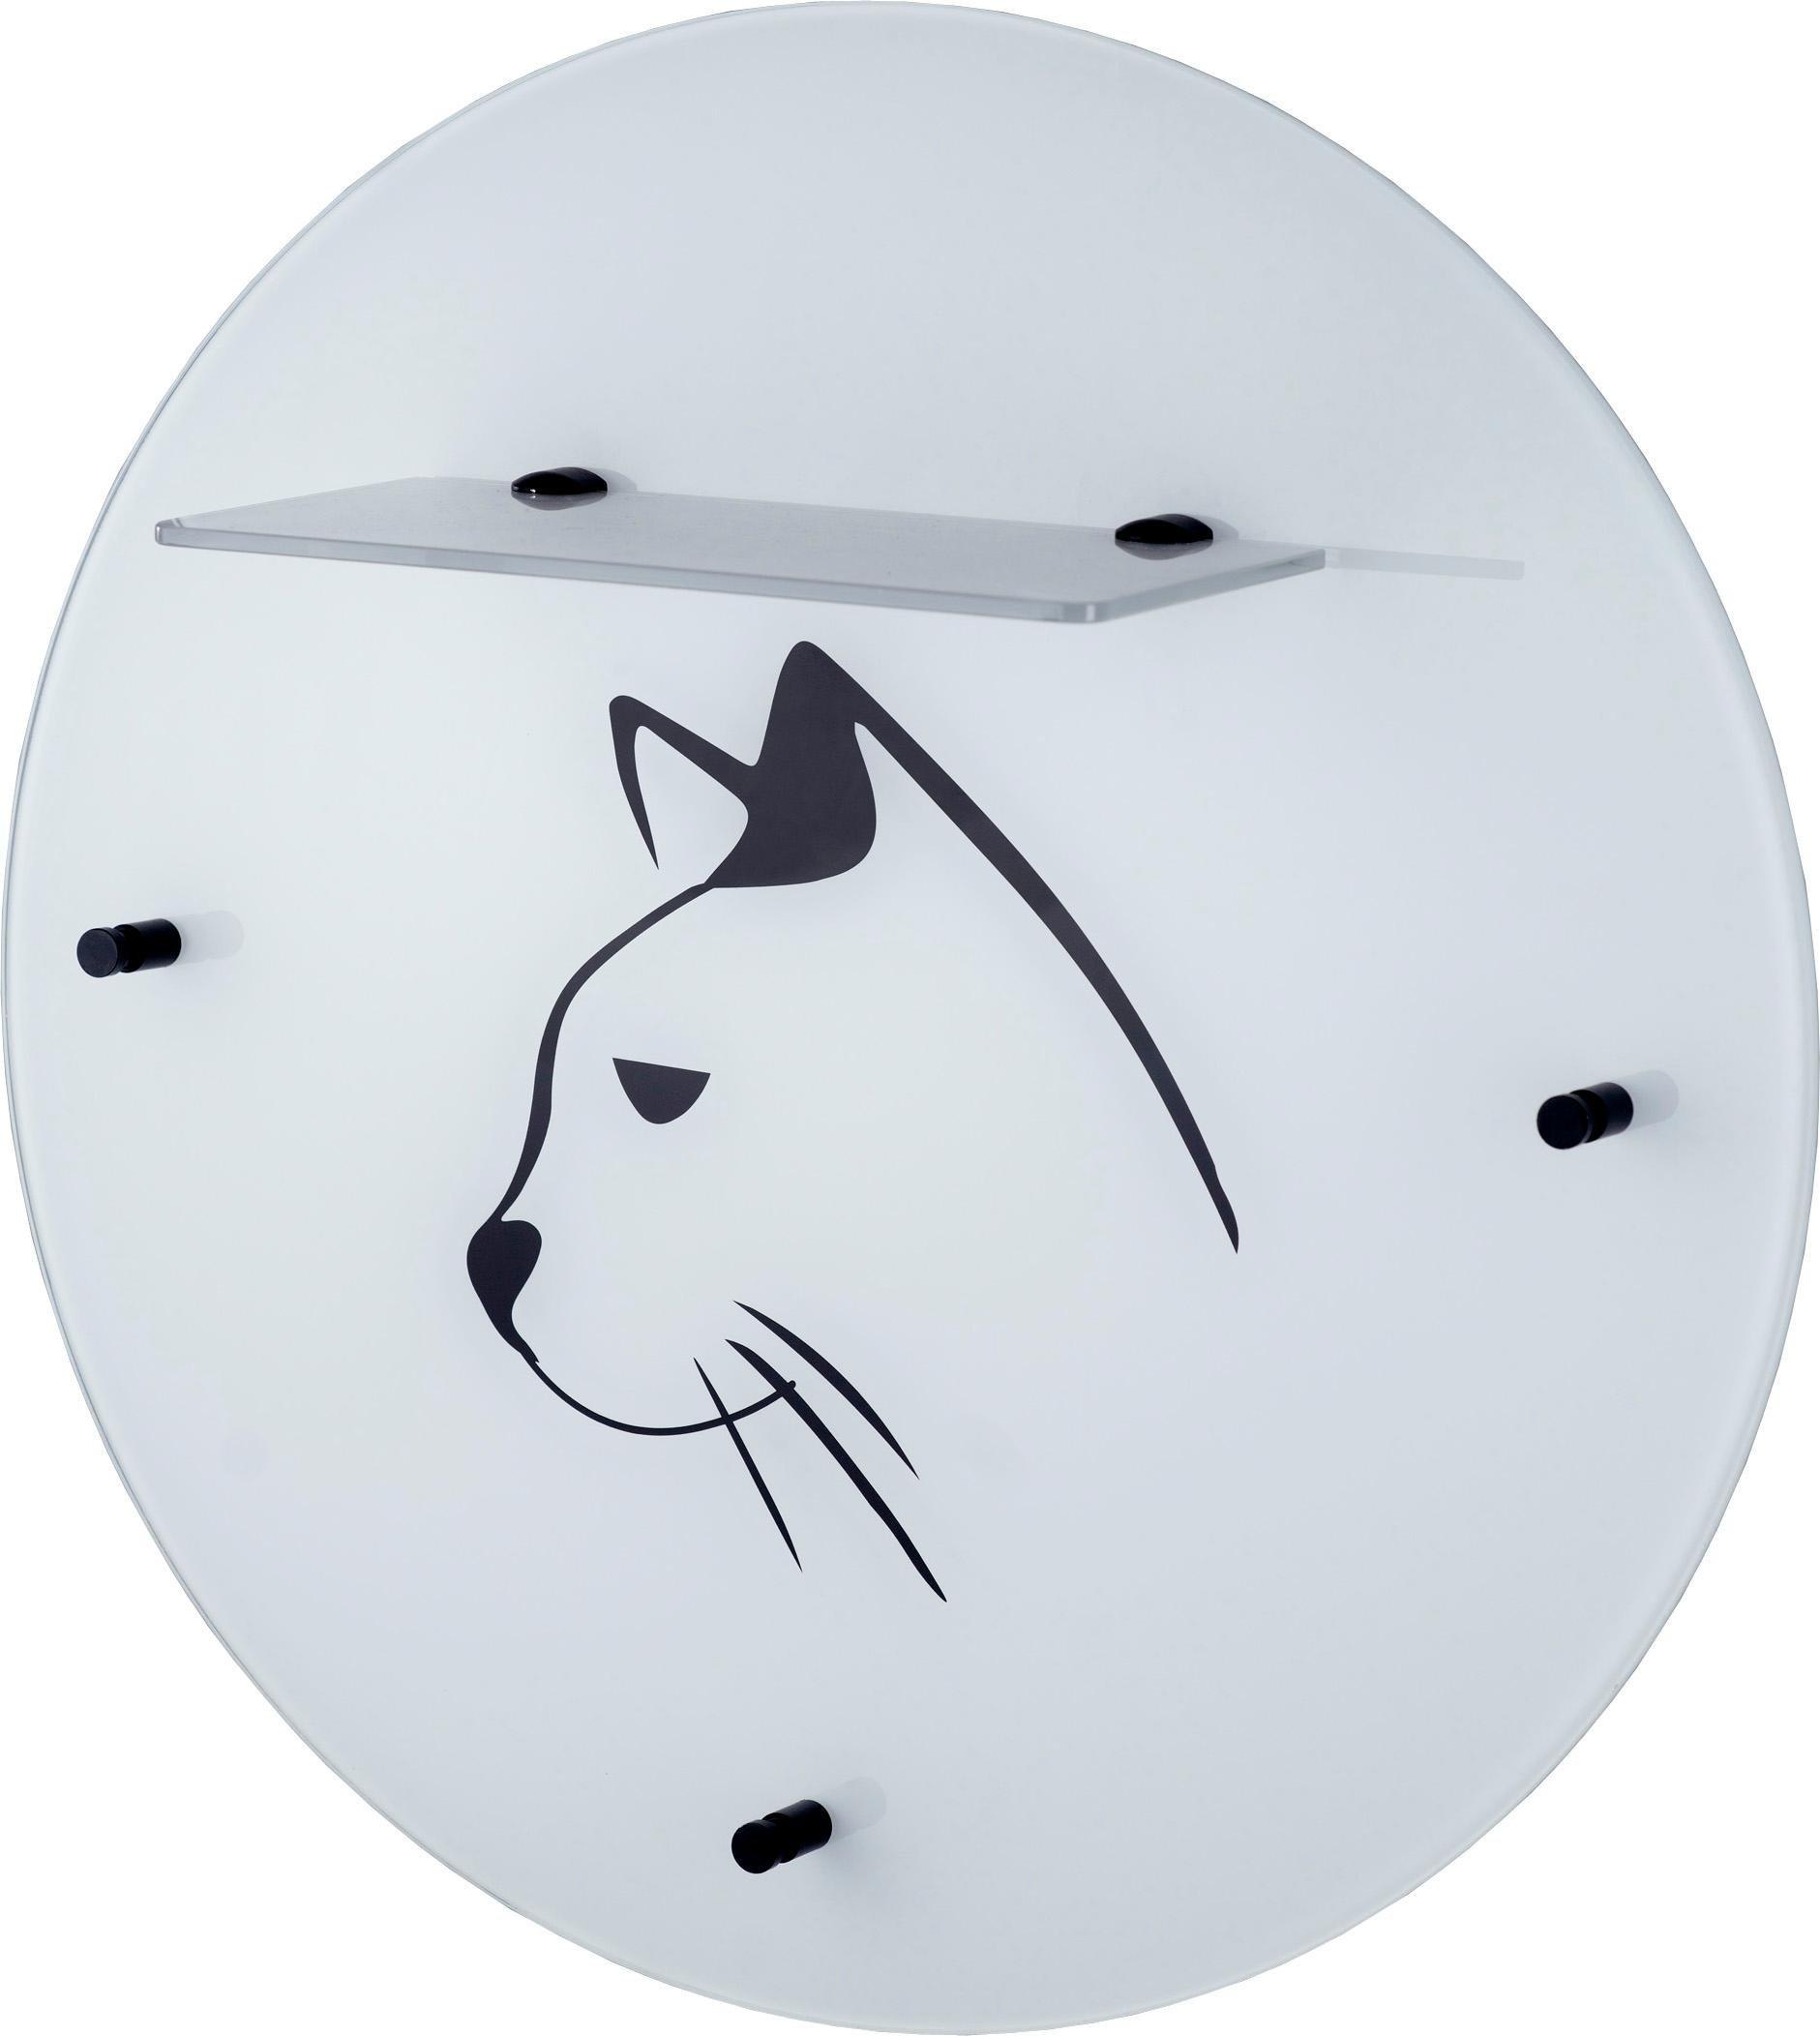 GGG MÖBEL Wandgarderobe »Katze« mit Glasablage | Flur & Diele > Garderoben > Garderobenhaken | Gehärtetes | GGG MÖBEL